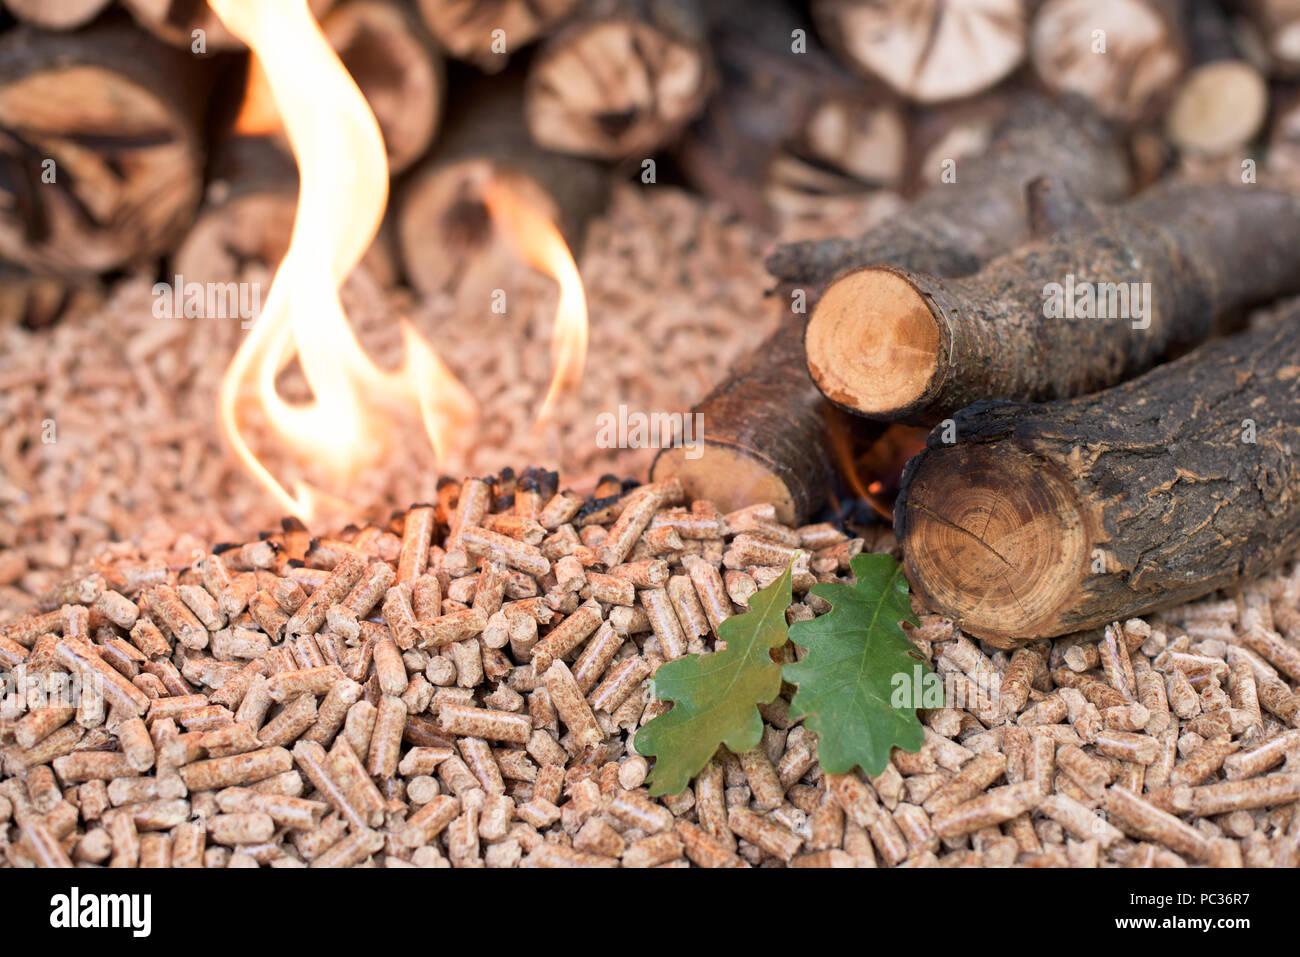 Oak wood and oak pellets in flamen - Stock Image